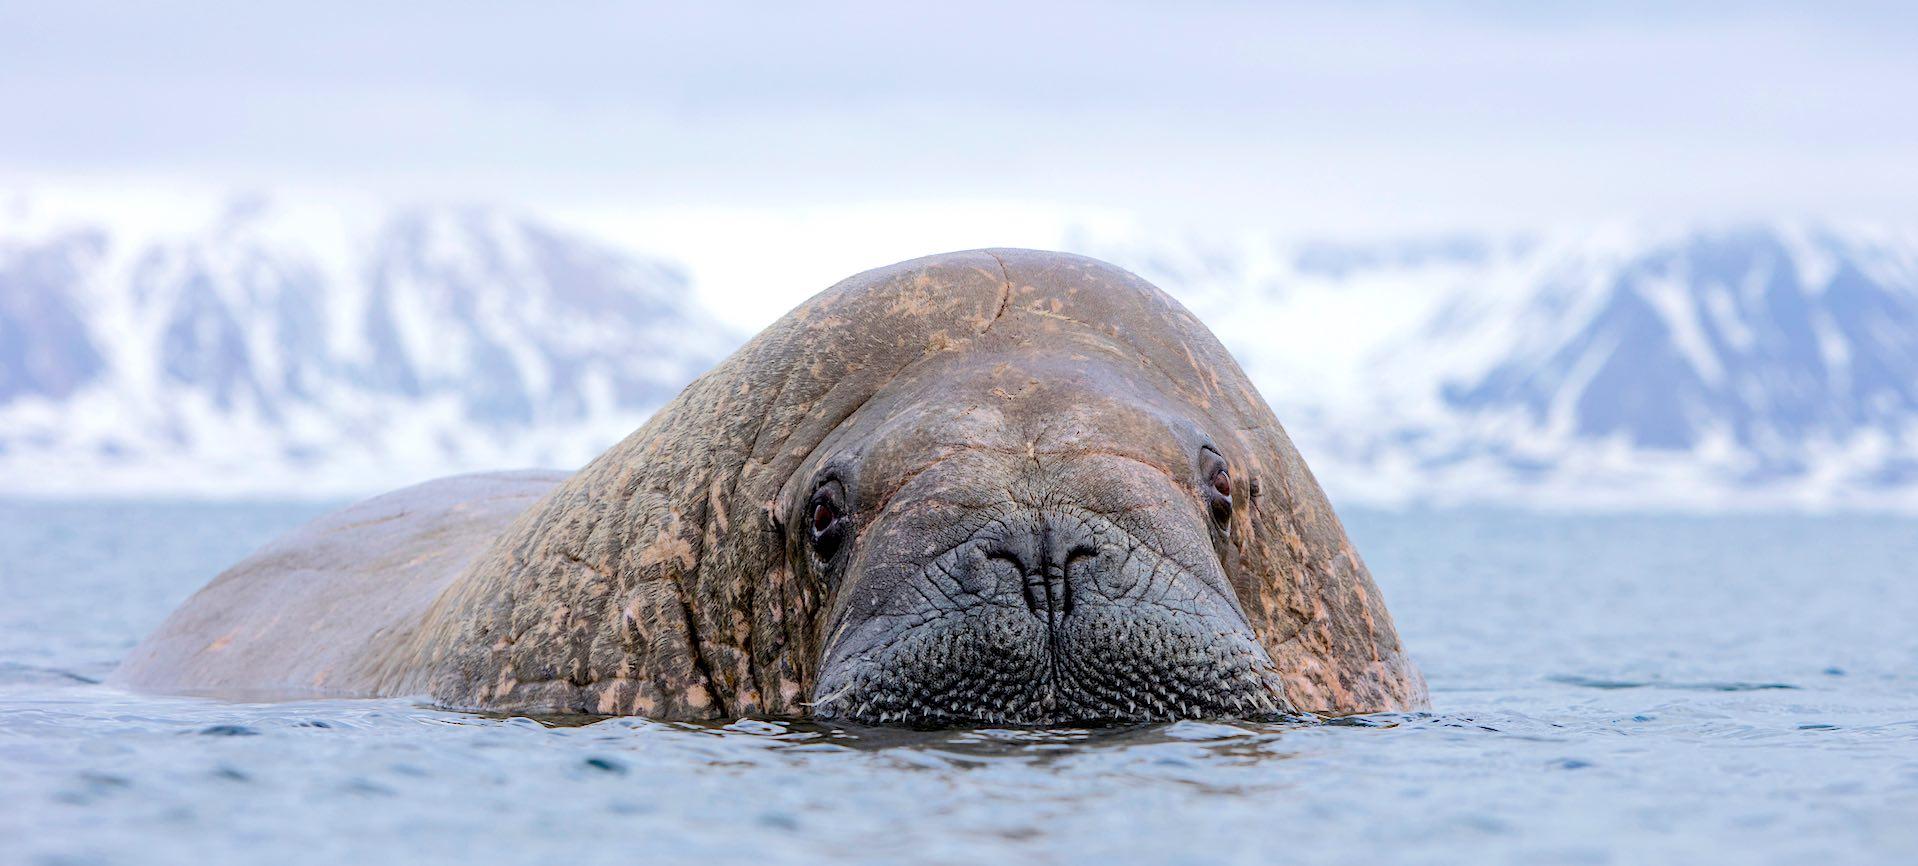 Walrus in ocean